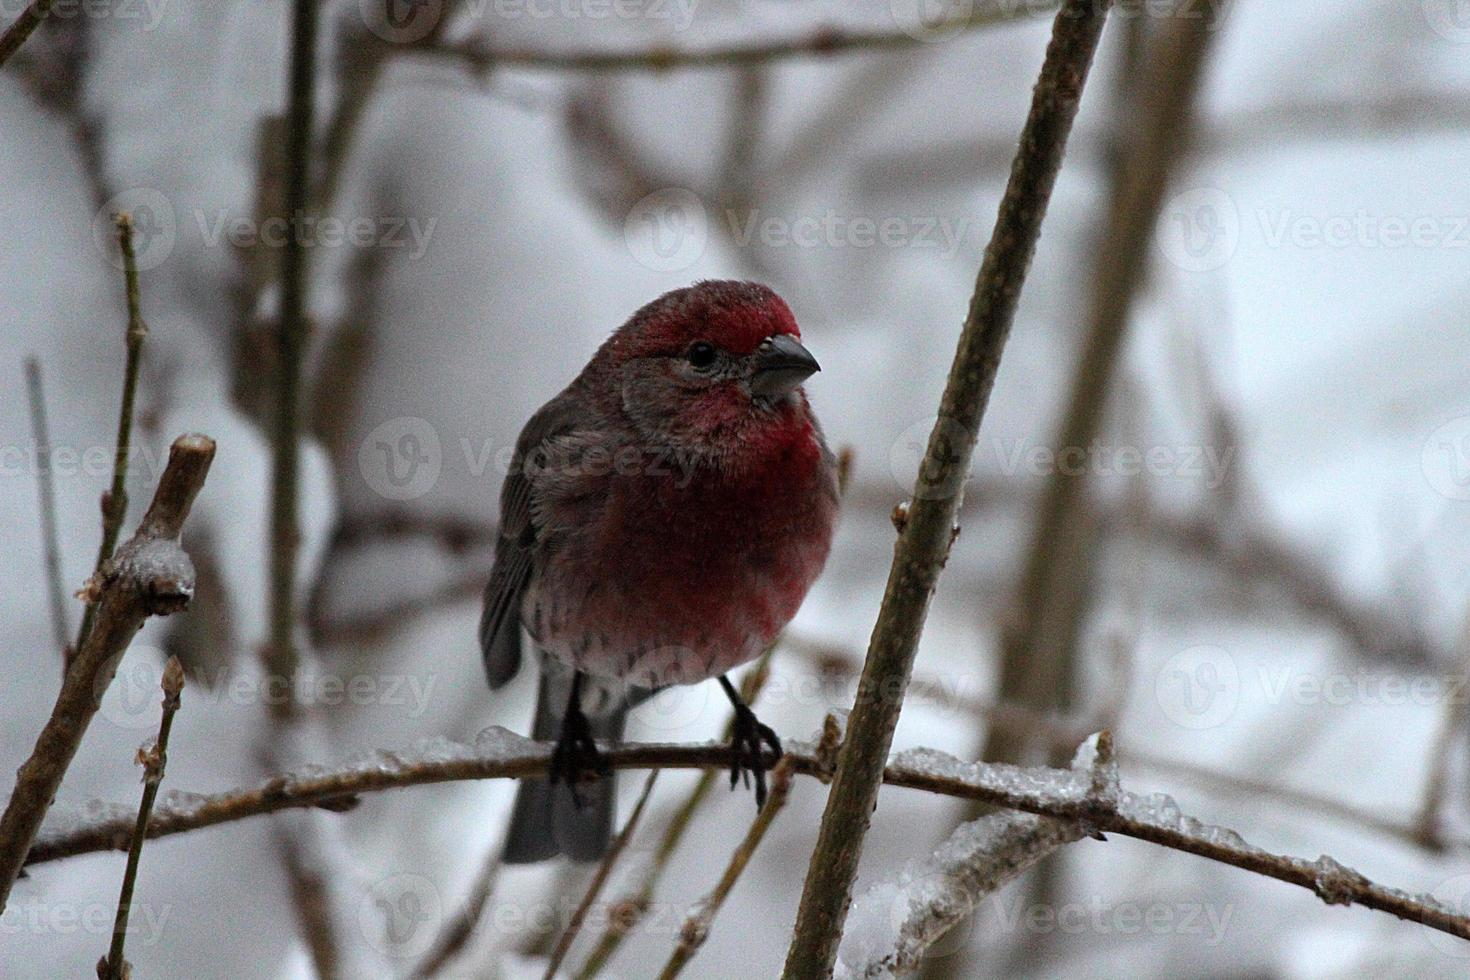 Close up of house pinson oiseau perché sur branche gelée photo